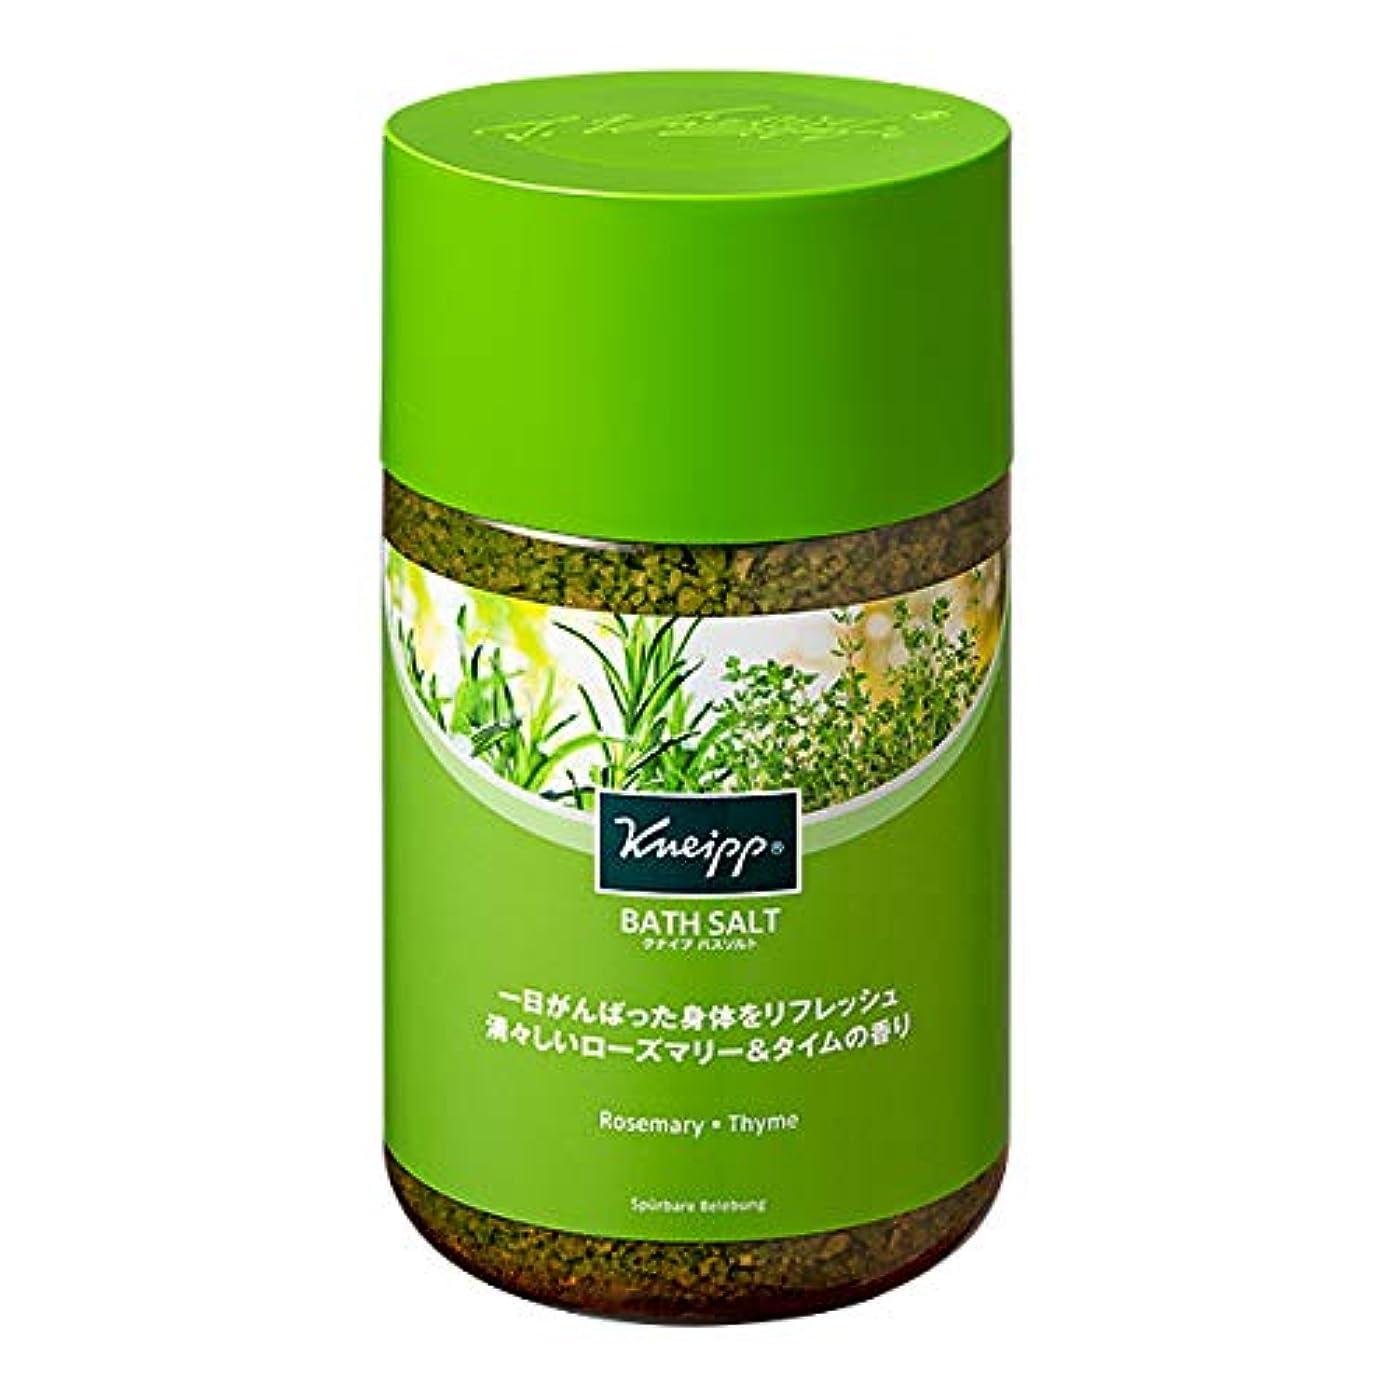 寓話粘土デモンストレーションクナイプ(Kneipp) クナイプ バスソルト ローズマリー&タイムの香り850g 入浴剤